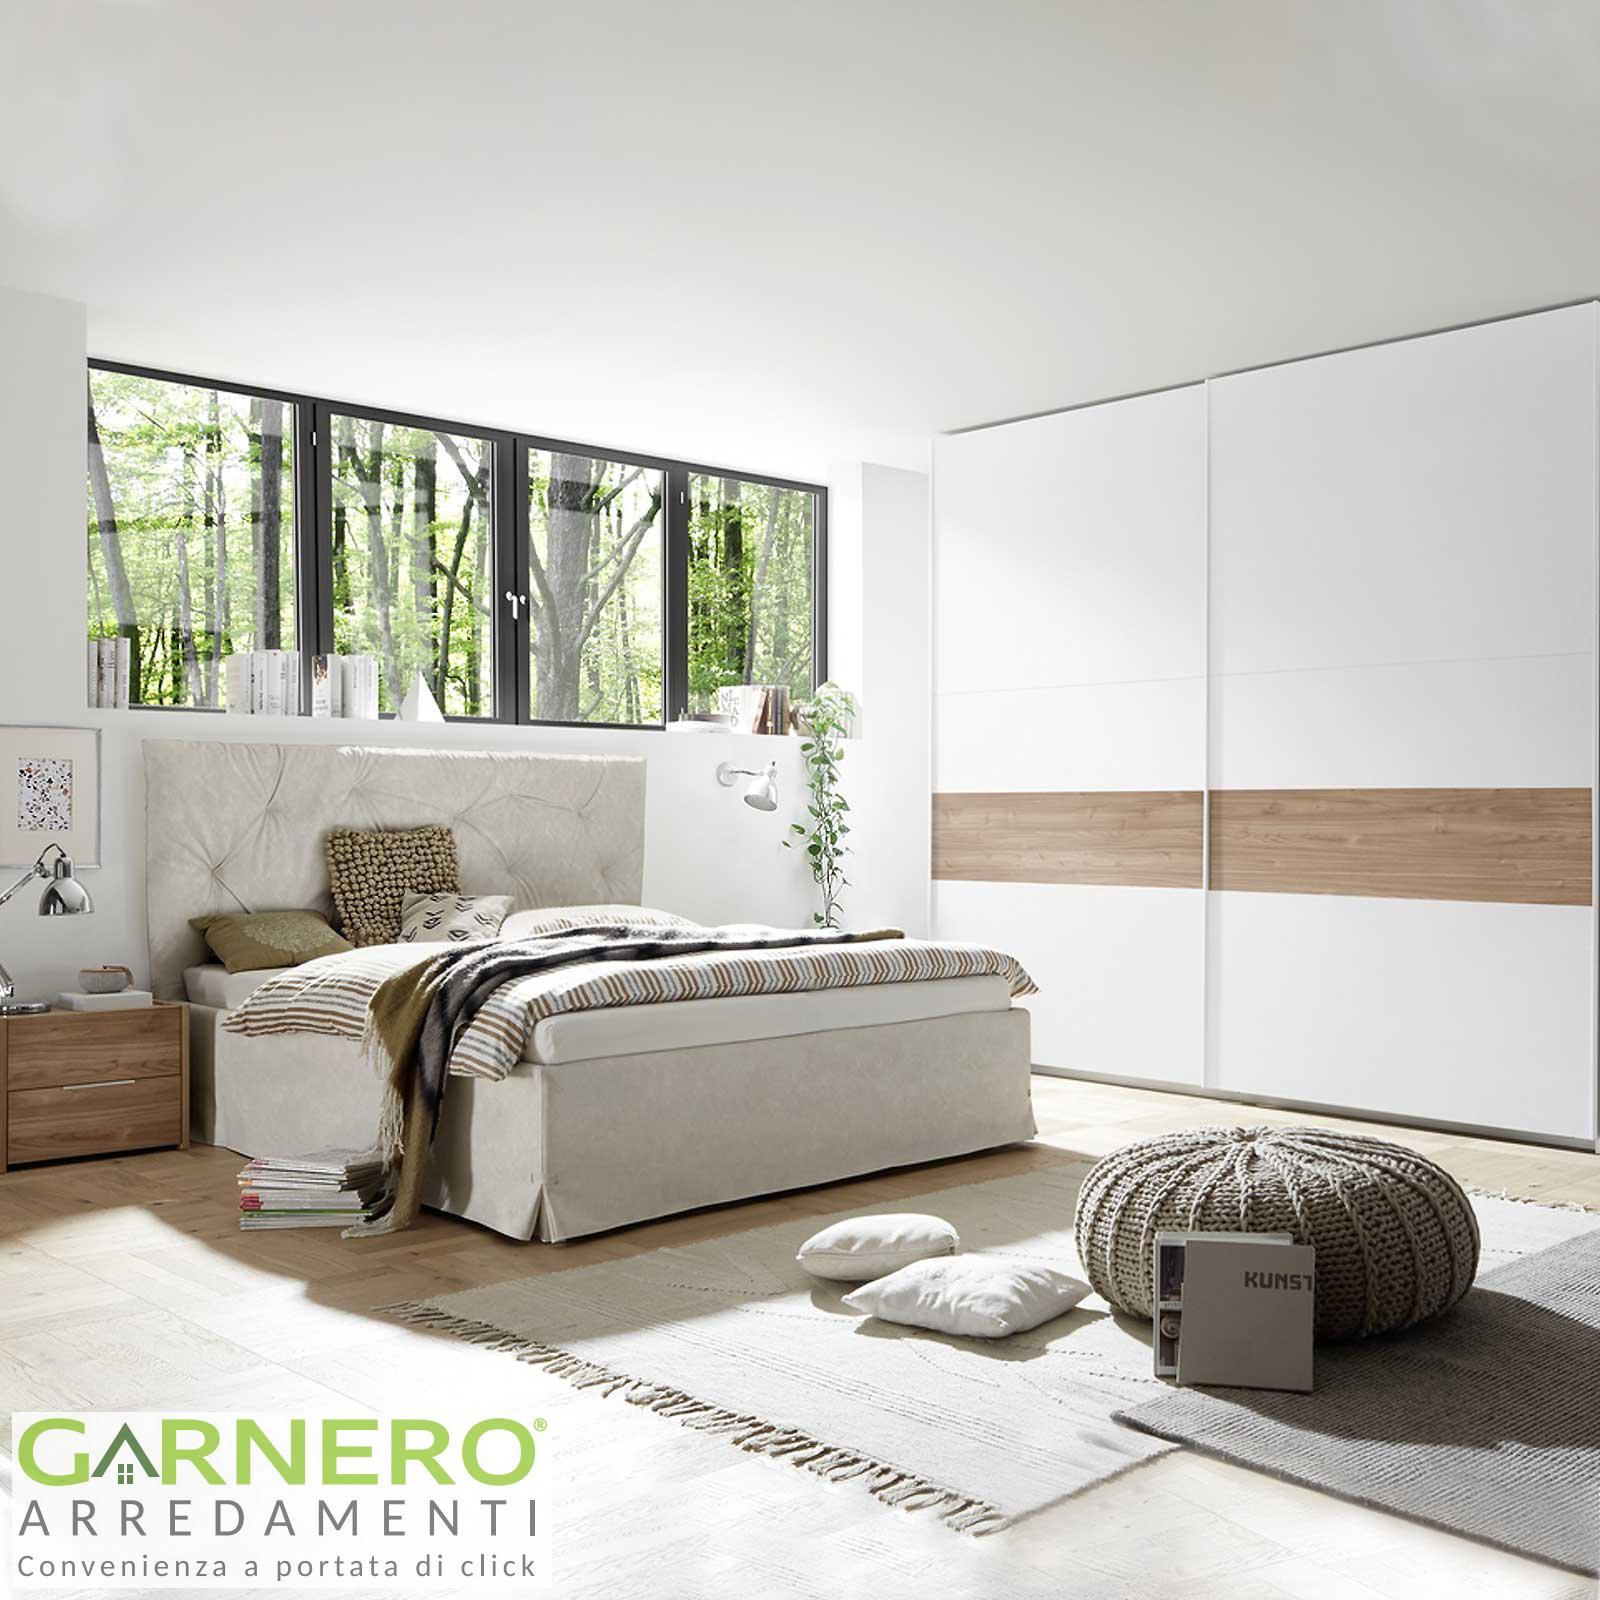 Armadi Ikea Ante Scorrevoli Opinioni.Camera Completa Alpaca Bianco Noce Letto Comodini Armadio Ante